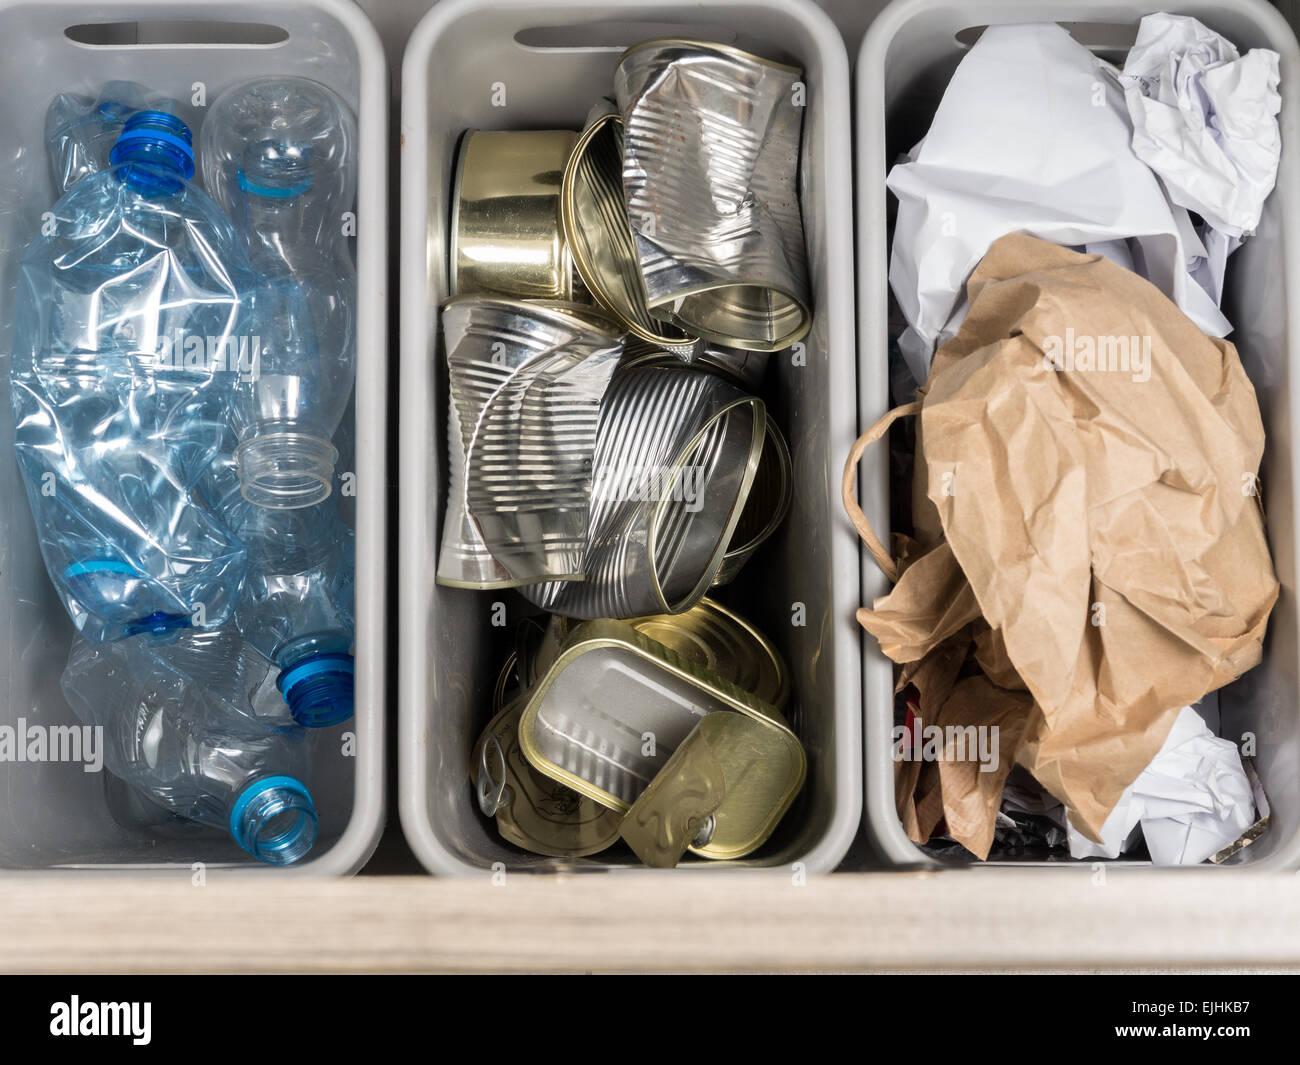 Tres cubos de basura de plástico con segregación de basura - botellas PET, papel y latas de metal shot Imagen De Stock